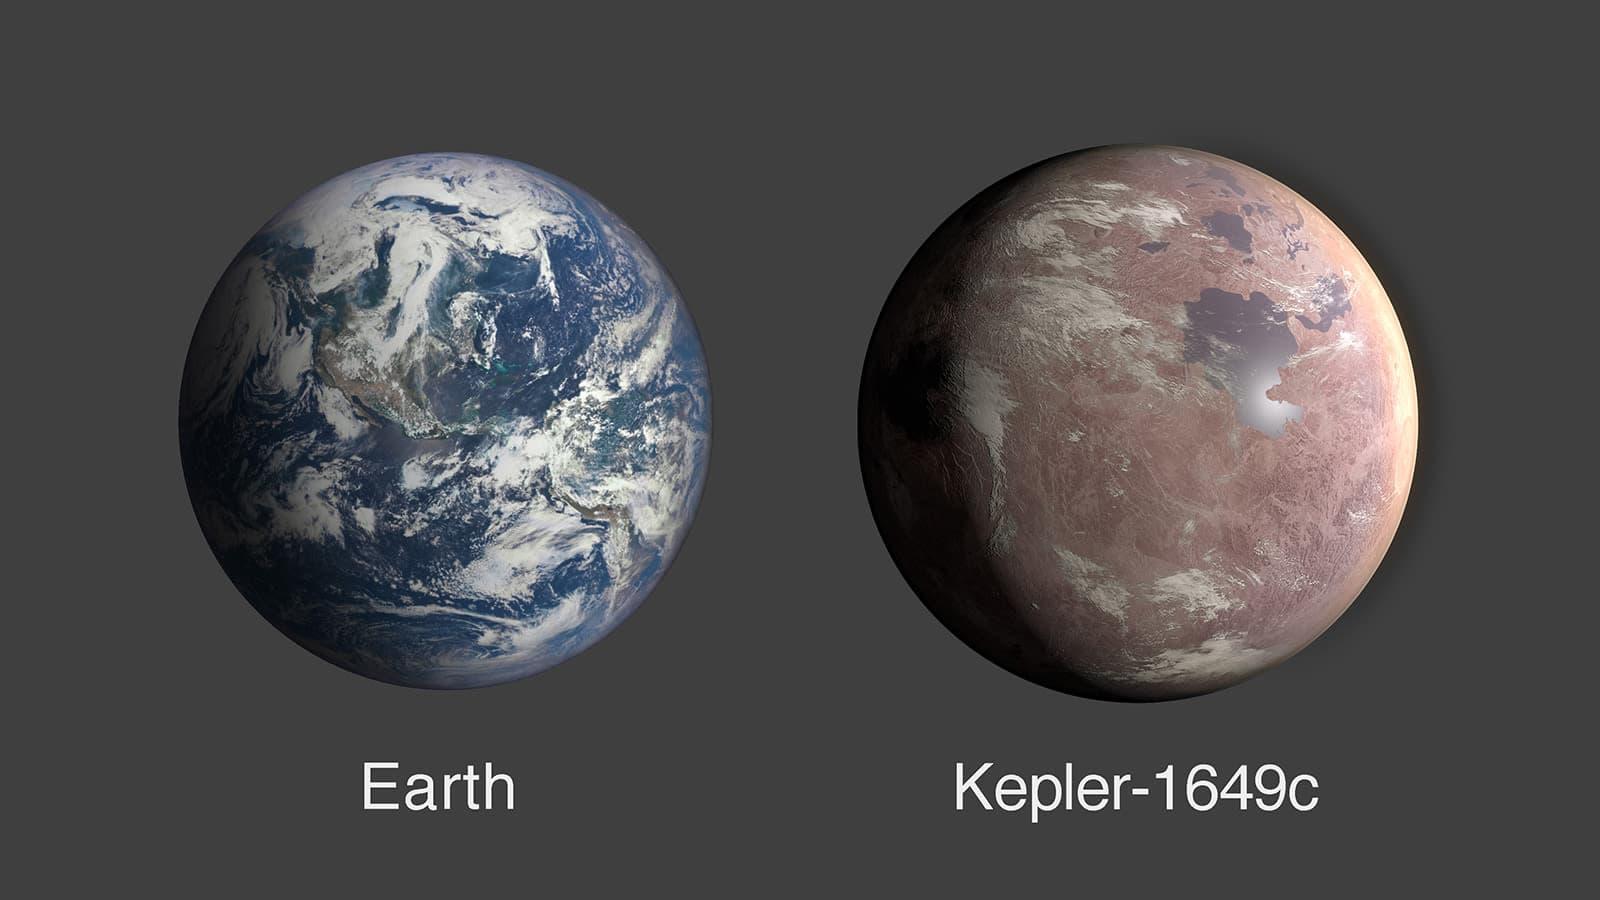 Comparação entre a Terra e o Kepler-1649c